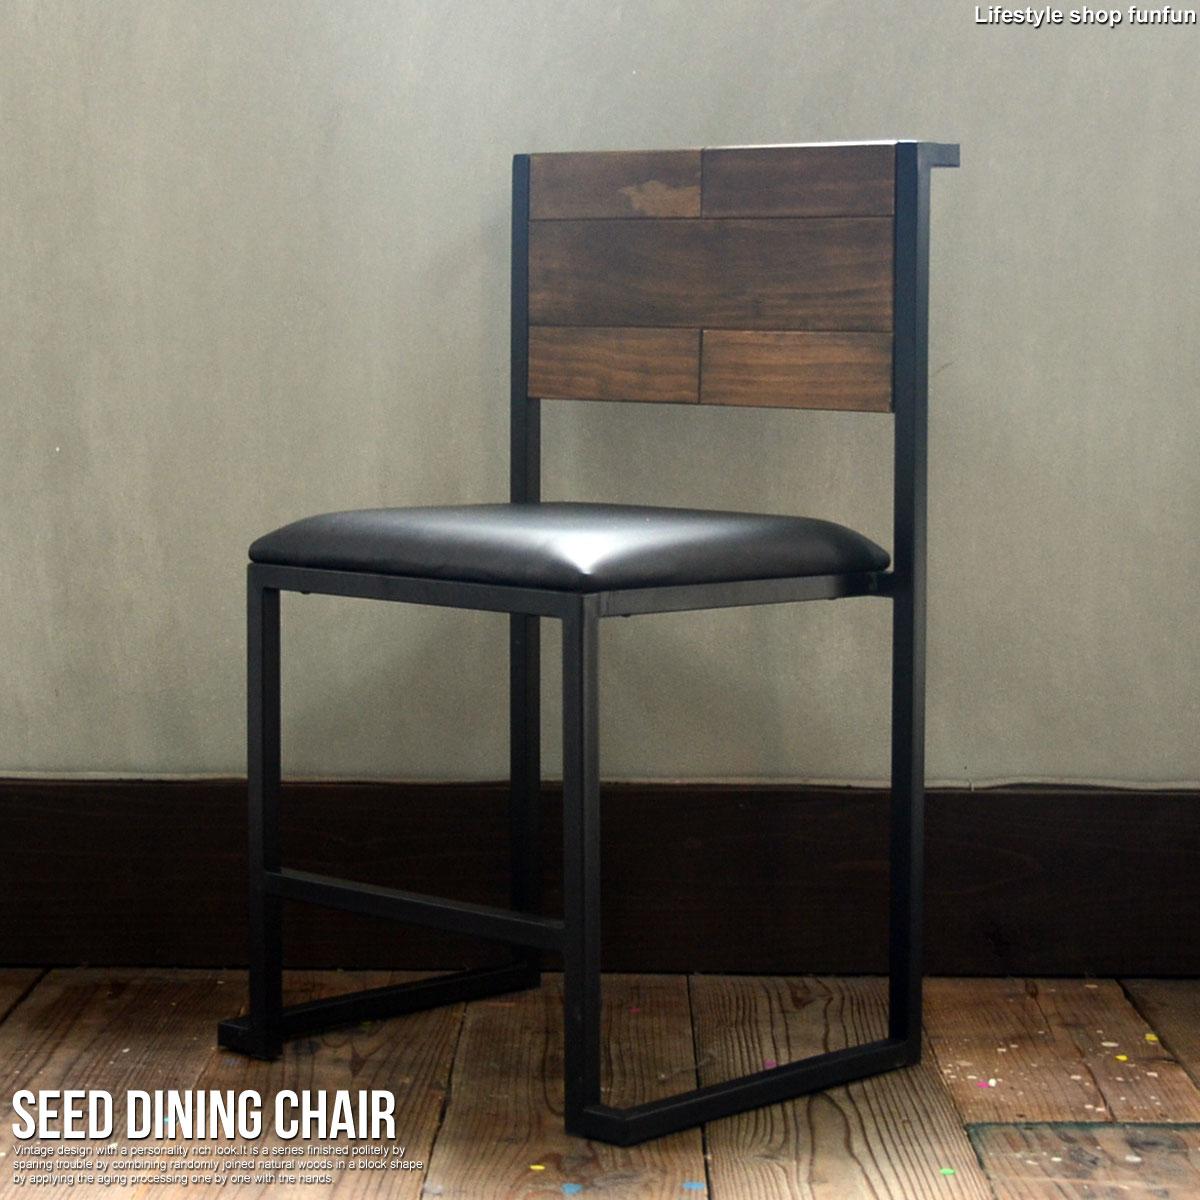 【あす楽】ダイニングチェア 椅子 SEED シード 木製チェア チェアー 椅子 パーソナルチェア 天然木 男前 アイアン ブルックリン シンプル【DEAL】